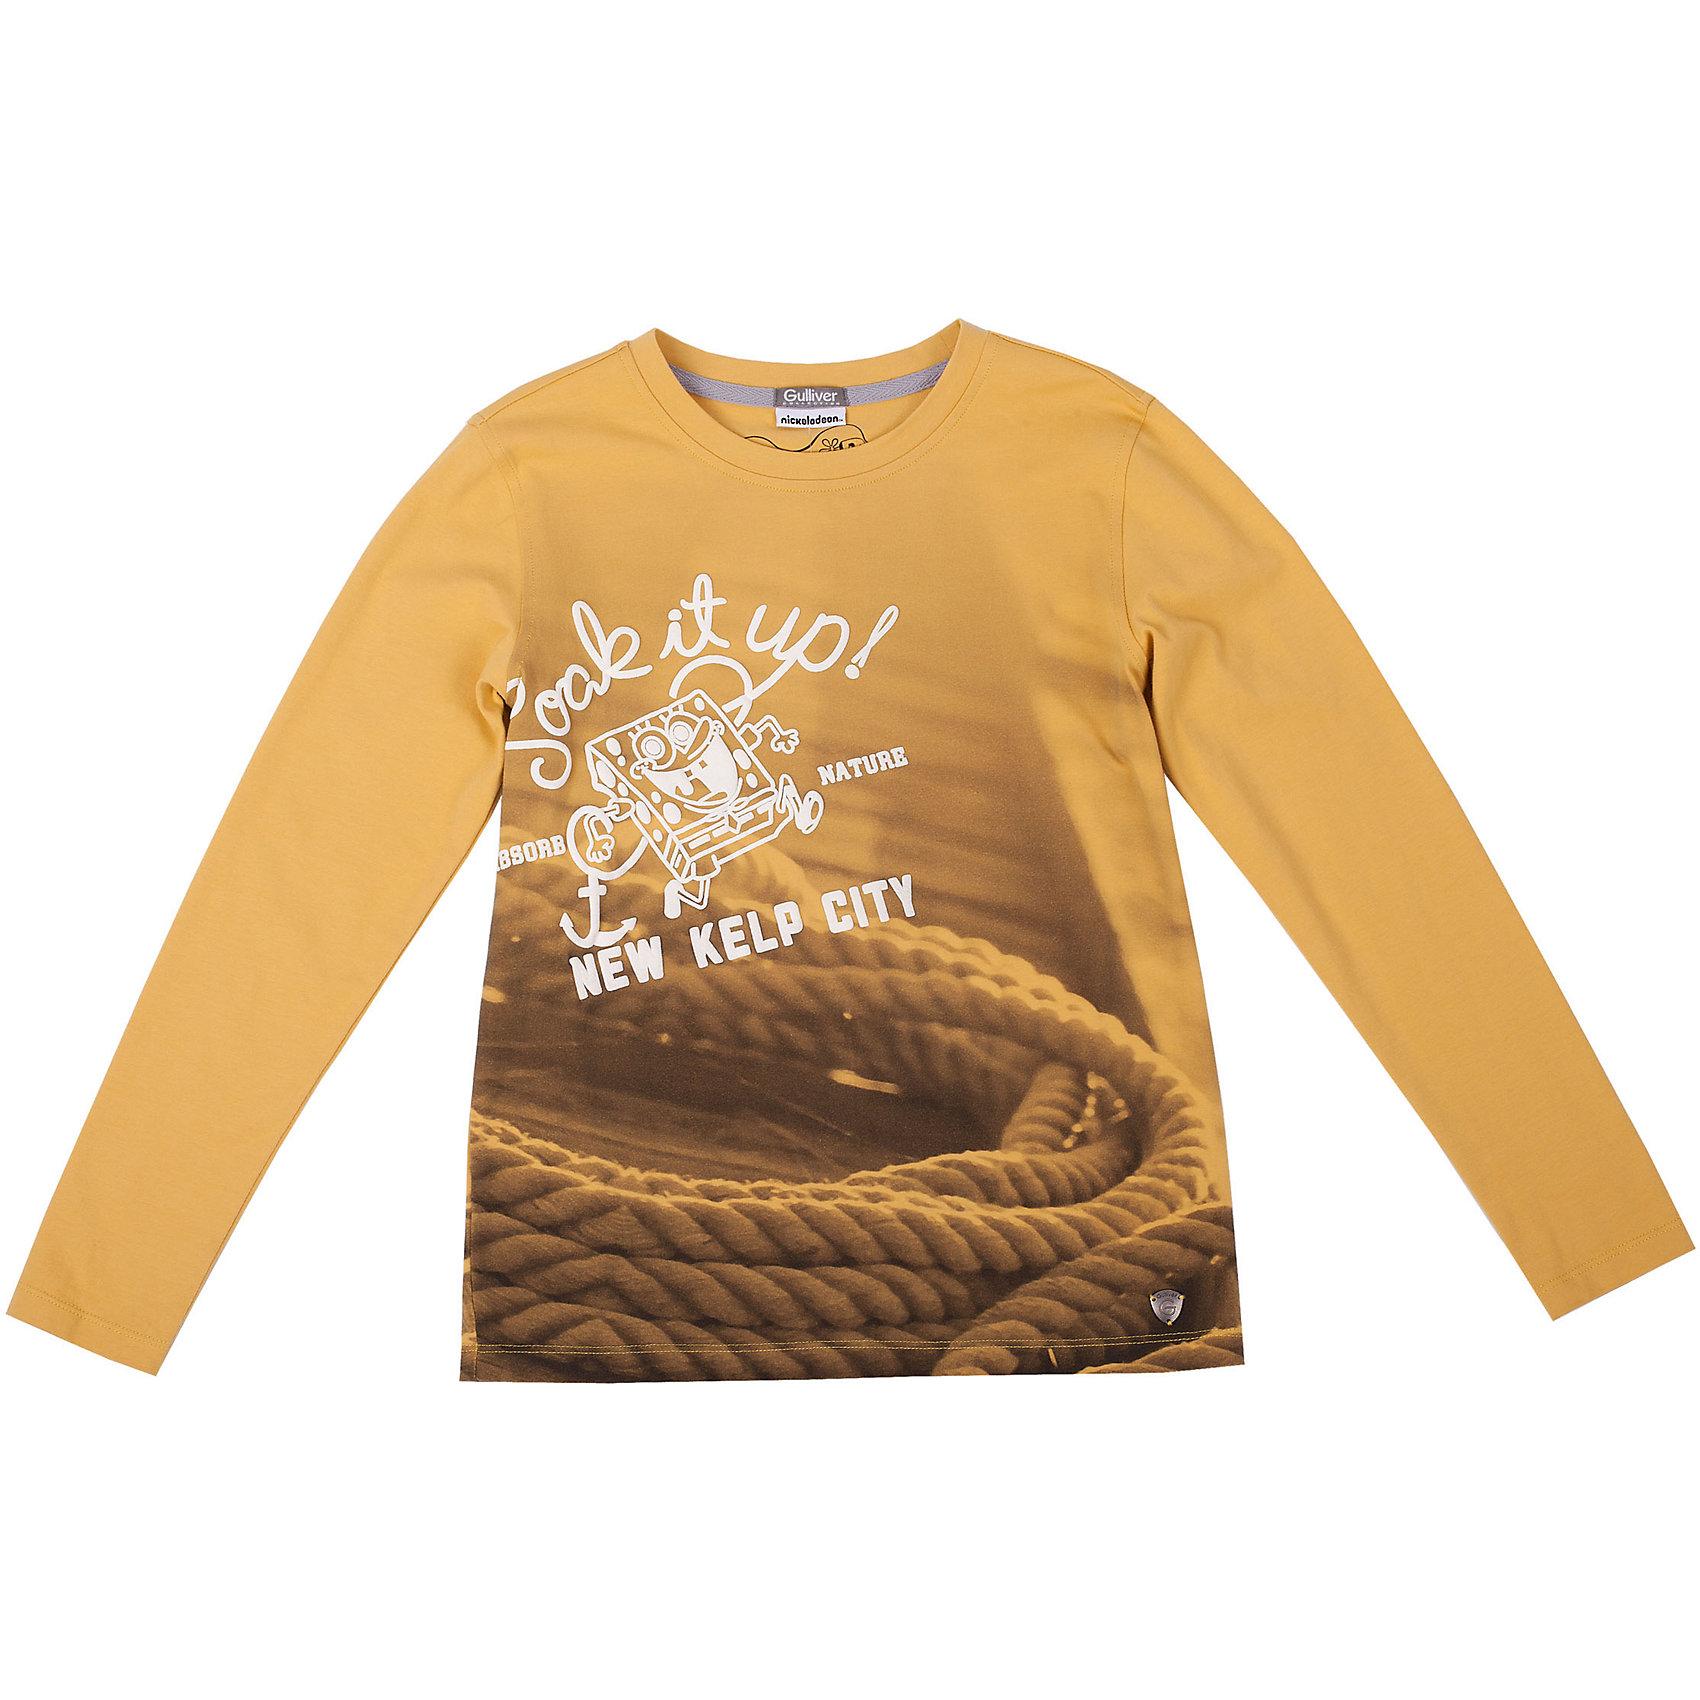 Футболка для мальчика GulliverВы хотите купить интересную цветную футболку с длинным рукавом для мальчика? Предпочитаете приобрести модную необычную модель, при этом качественную брендовую вещь, которая добавит в летний гардероб ребенка свежесть и позитив? Тогда эта классная яркая футболка с принтом - отличный выбор! Модная желтая футболка с длинным рукавом выполнена из мягкого хлопка с эластаном. Она сделает каждый день ребенка увлекательным и комфортным!<br>Состав:<br>95% хлопок      5% эластан<br><br>Ширина мм: 199<br>Глубина мм: 10<br>Высота мм: 161<br>Вес г: 151<br>Цвет: желтый<br>Возраст от месяцев: 72<br>Возраст до месяцев: 84<br>Пол: Мужской<br>Возраст: Детский<br>Размер: 122,128,140,134<br>SKU: 4534943